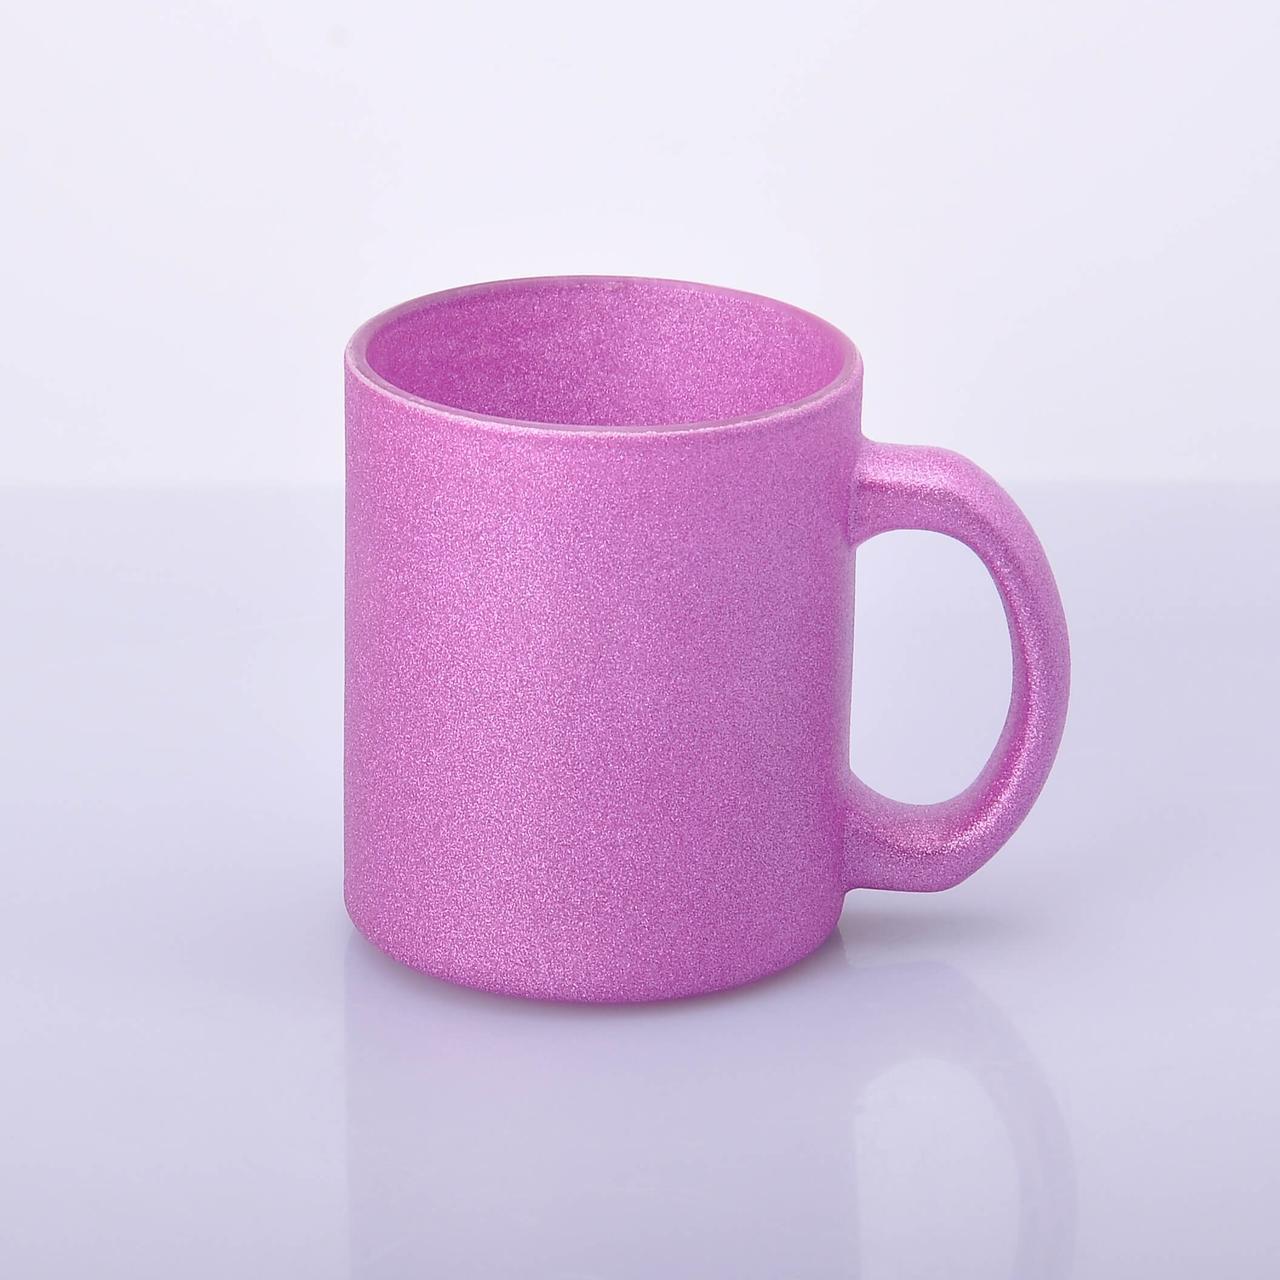 Чашка Глиттер стекло для сублимации 330мл Розовый